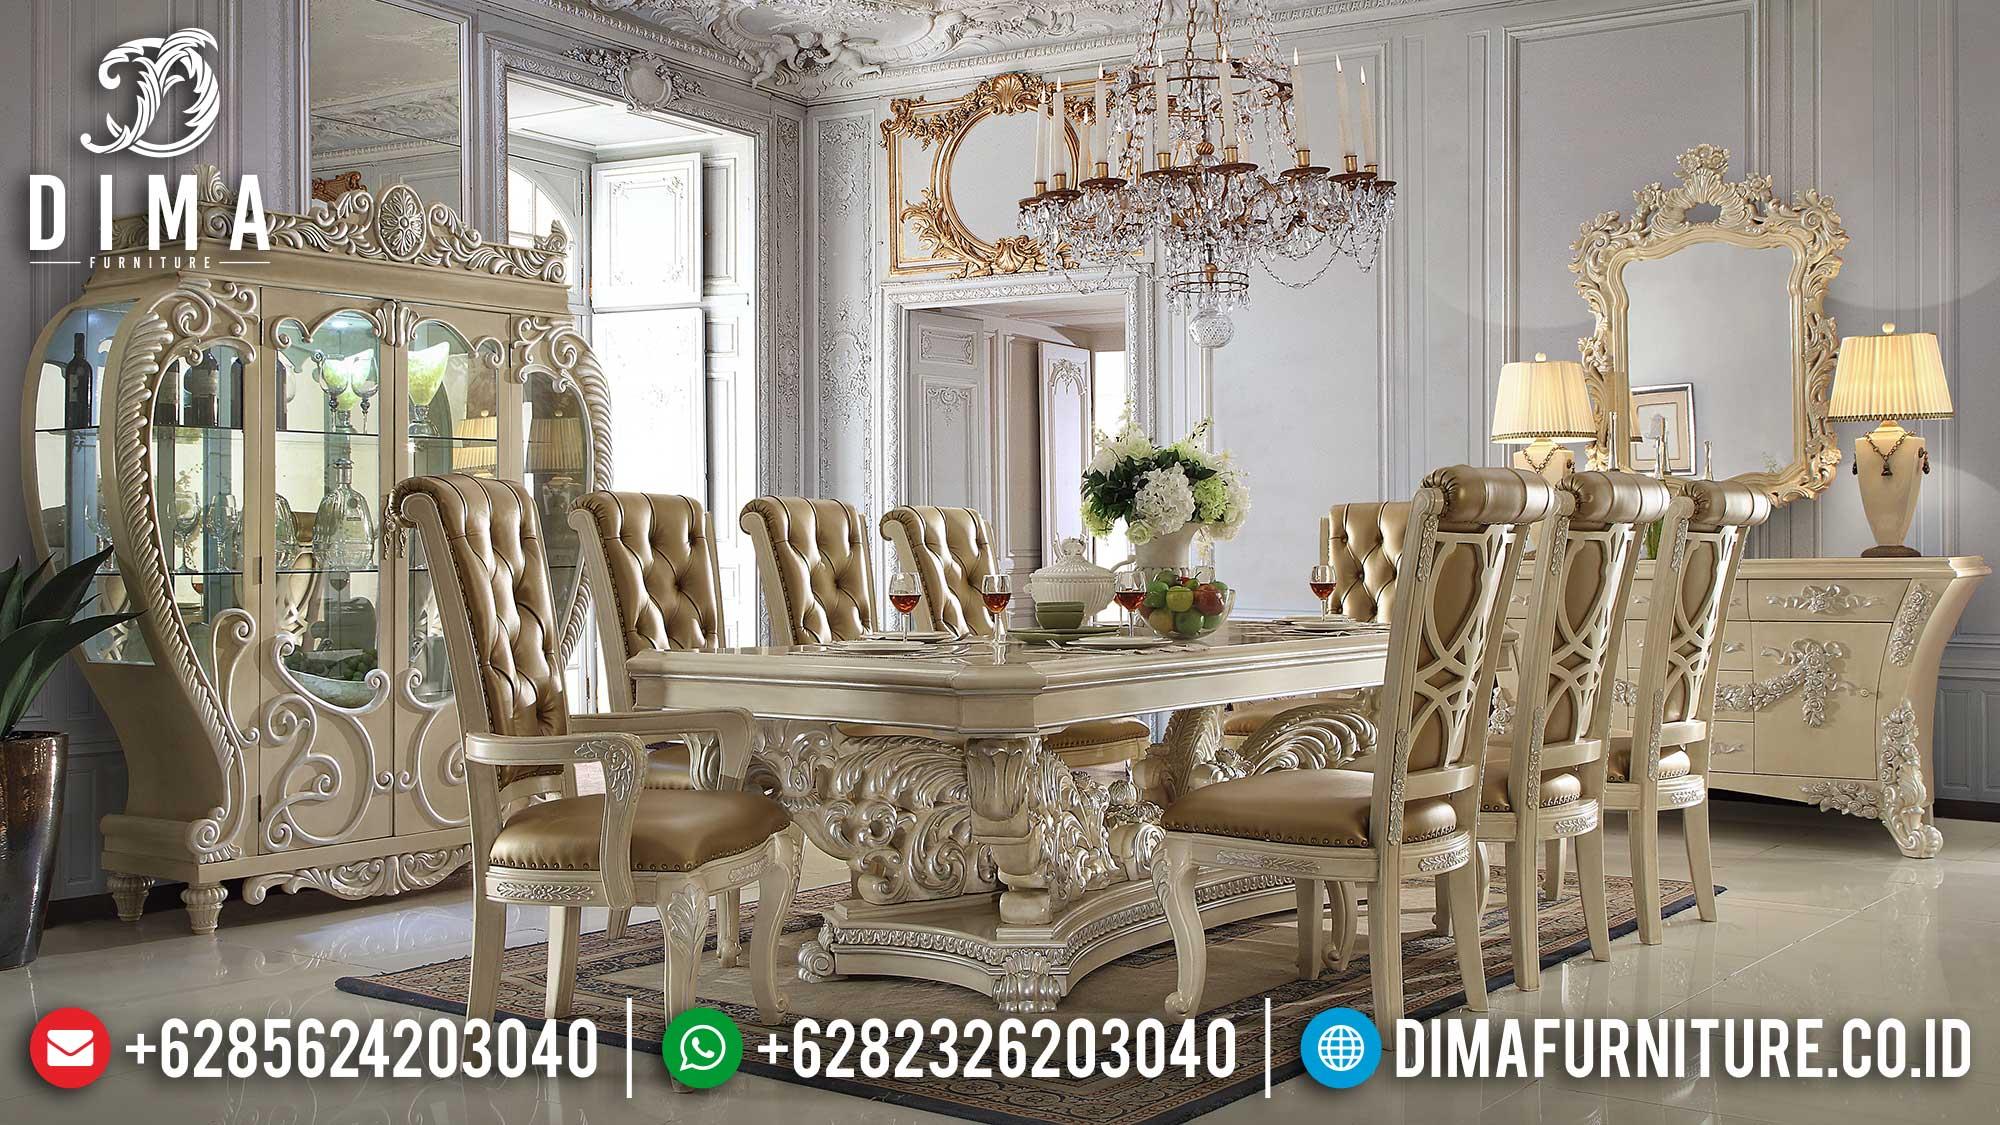 New Set Meja Makan Mewah Ukir Jepara Luxurious Model Furniture Classic ST-1252